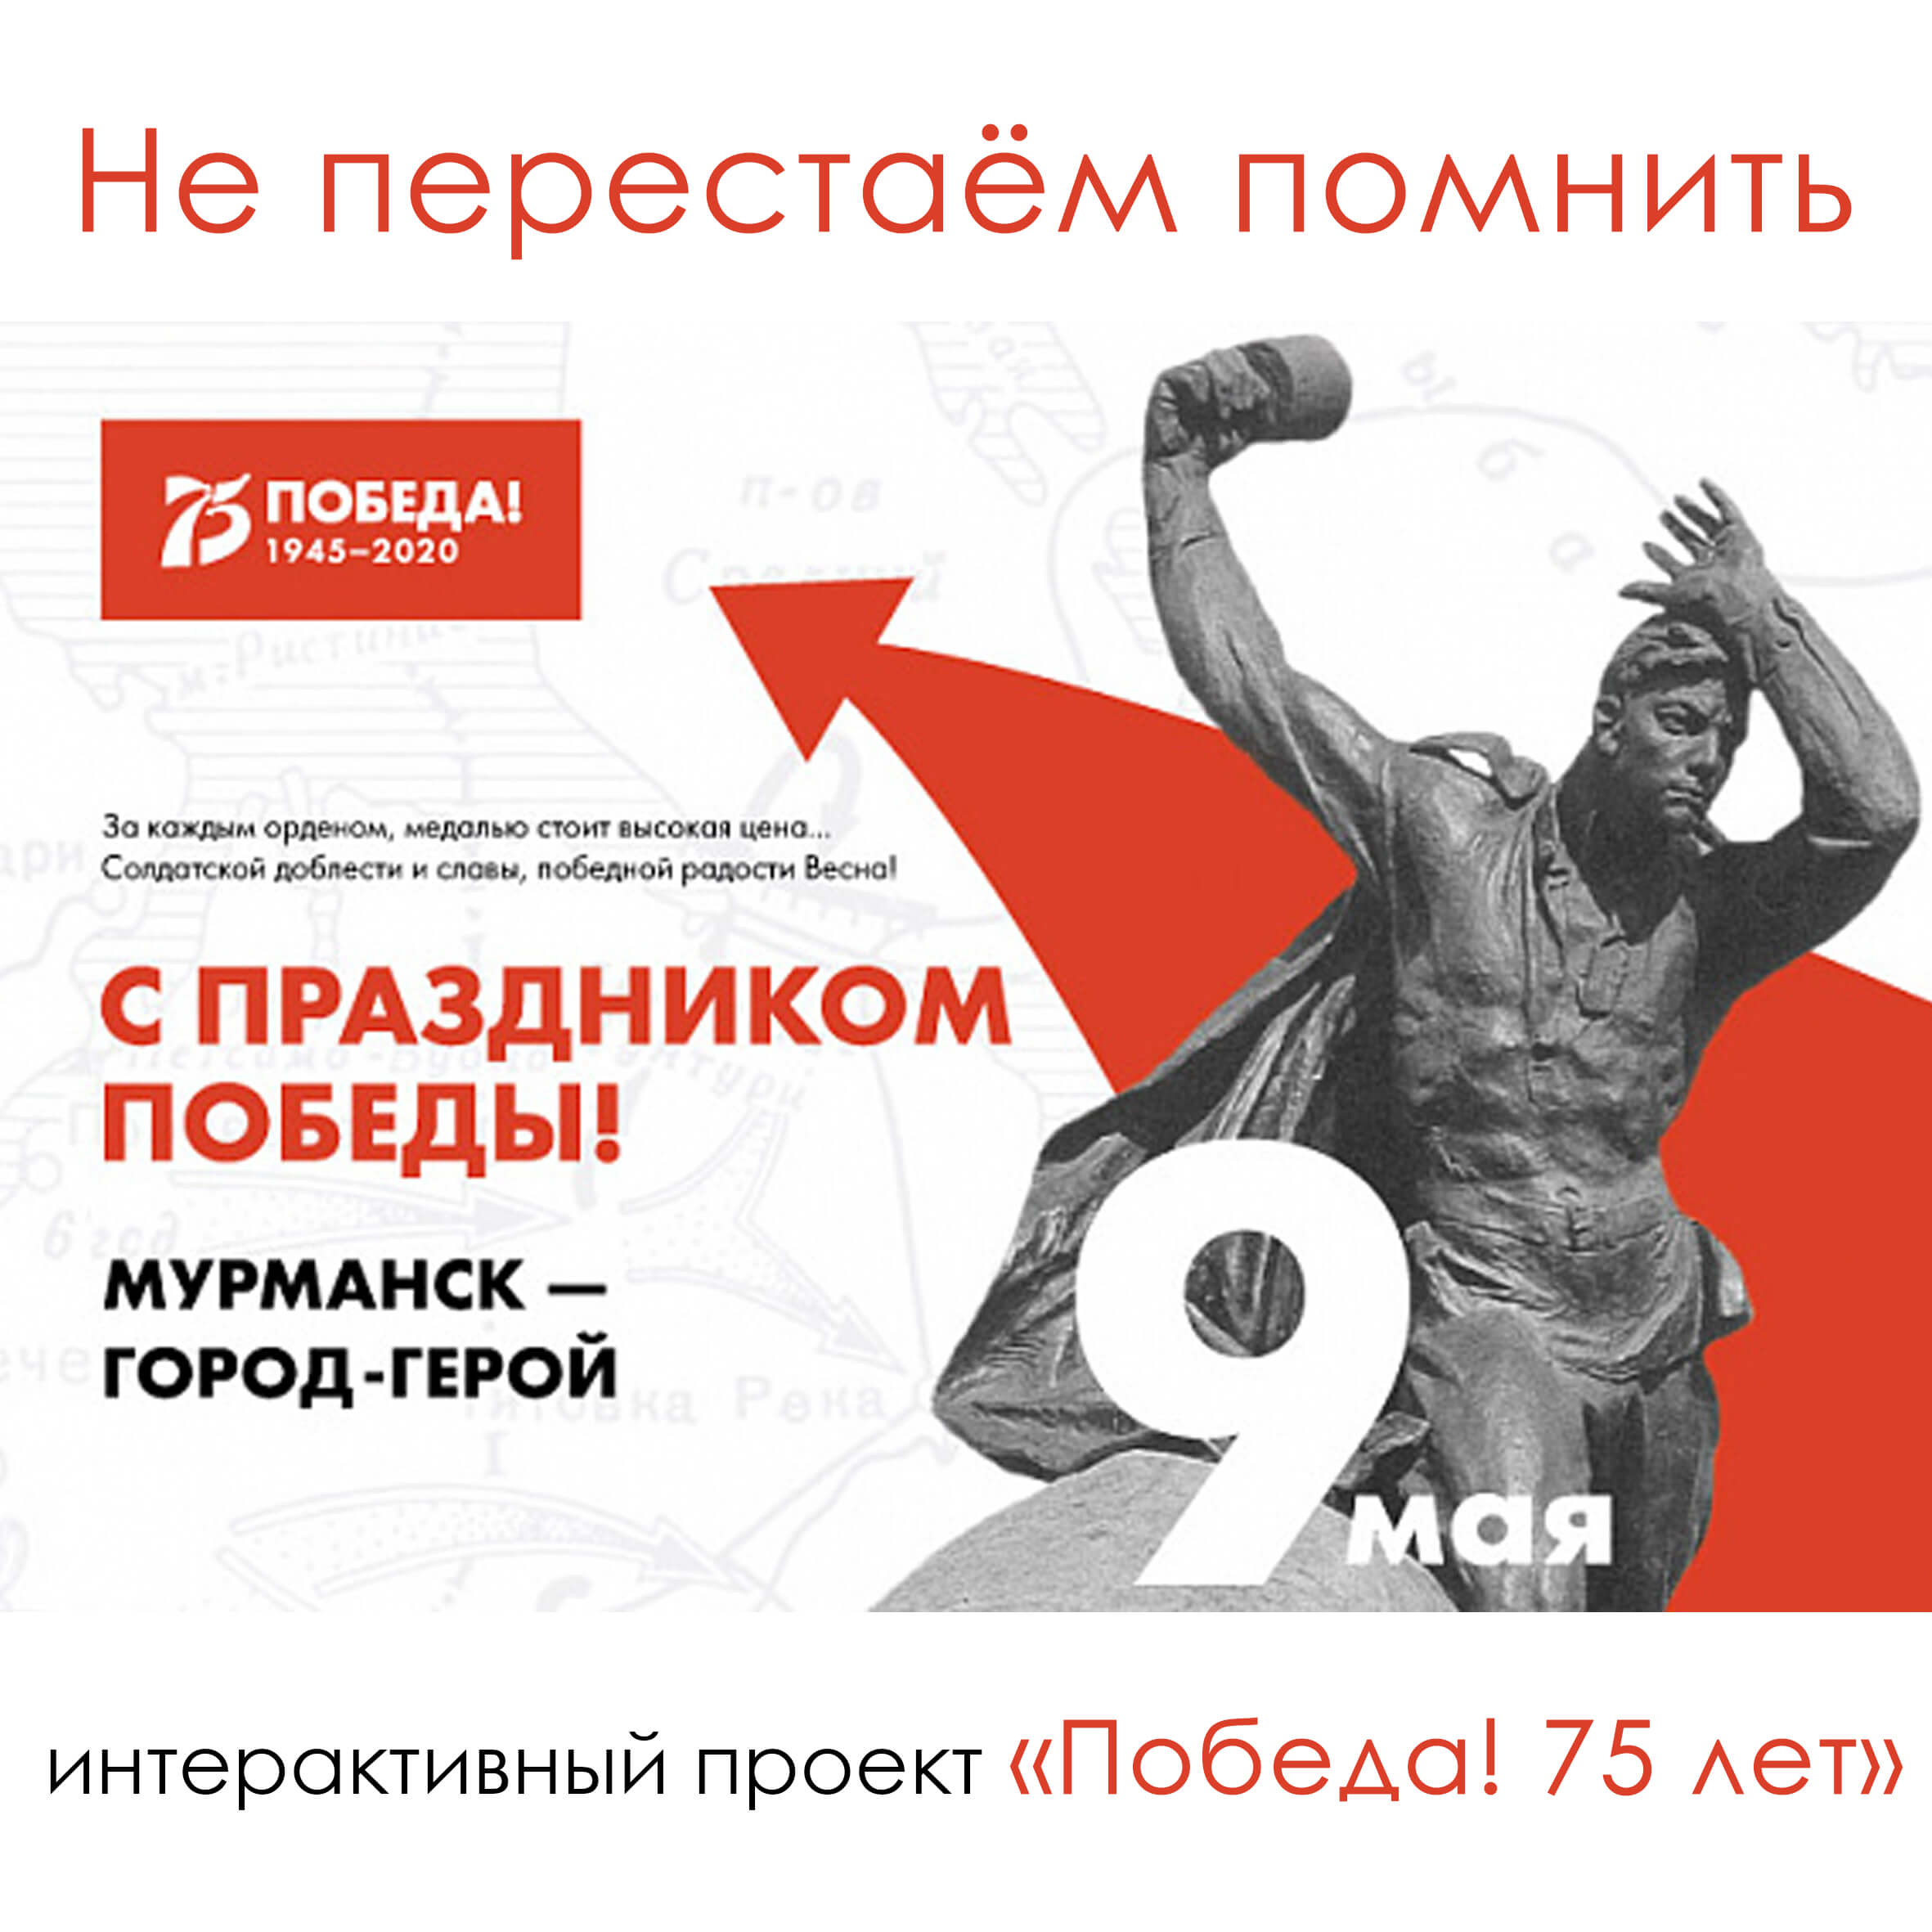 МАГУ запускает онлайн-проект «Галерея Героев» к 75-летию Победы в ВОВ